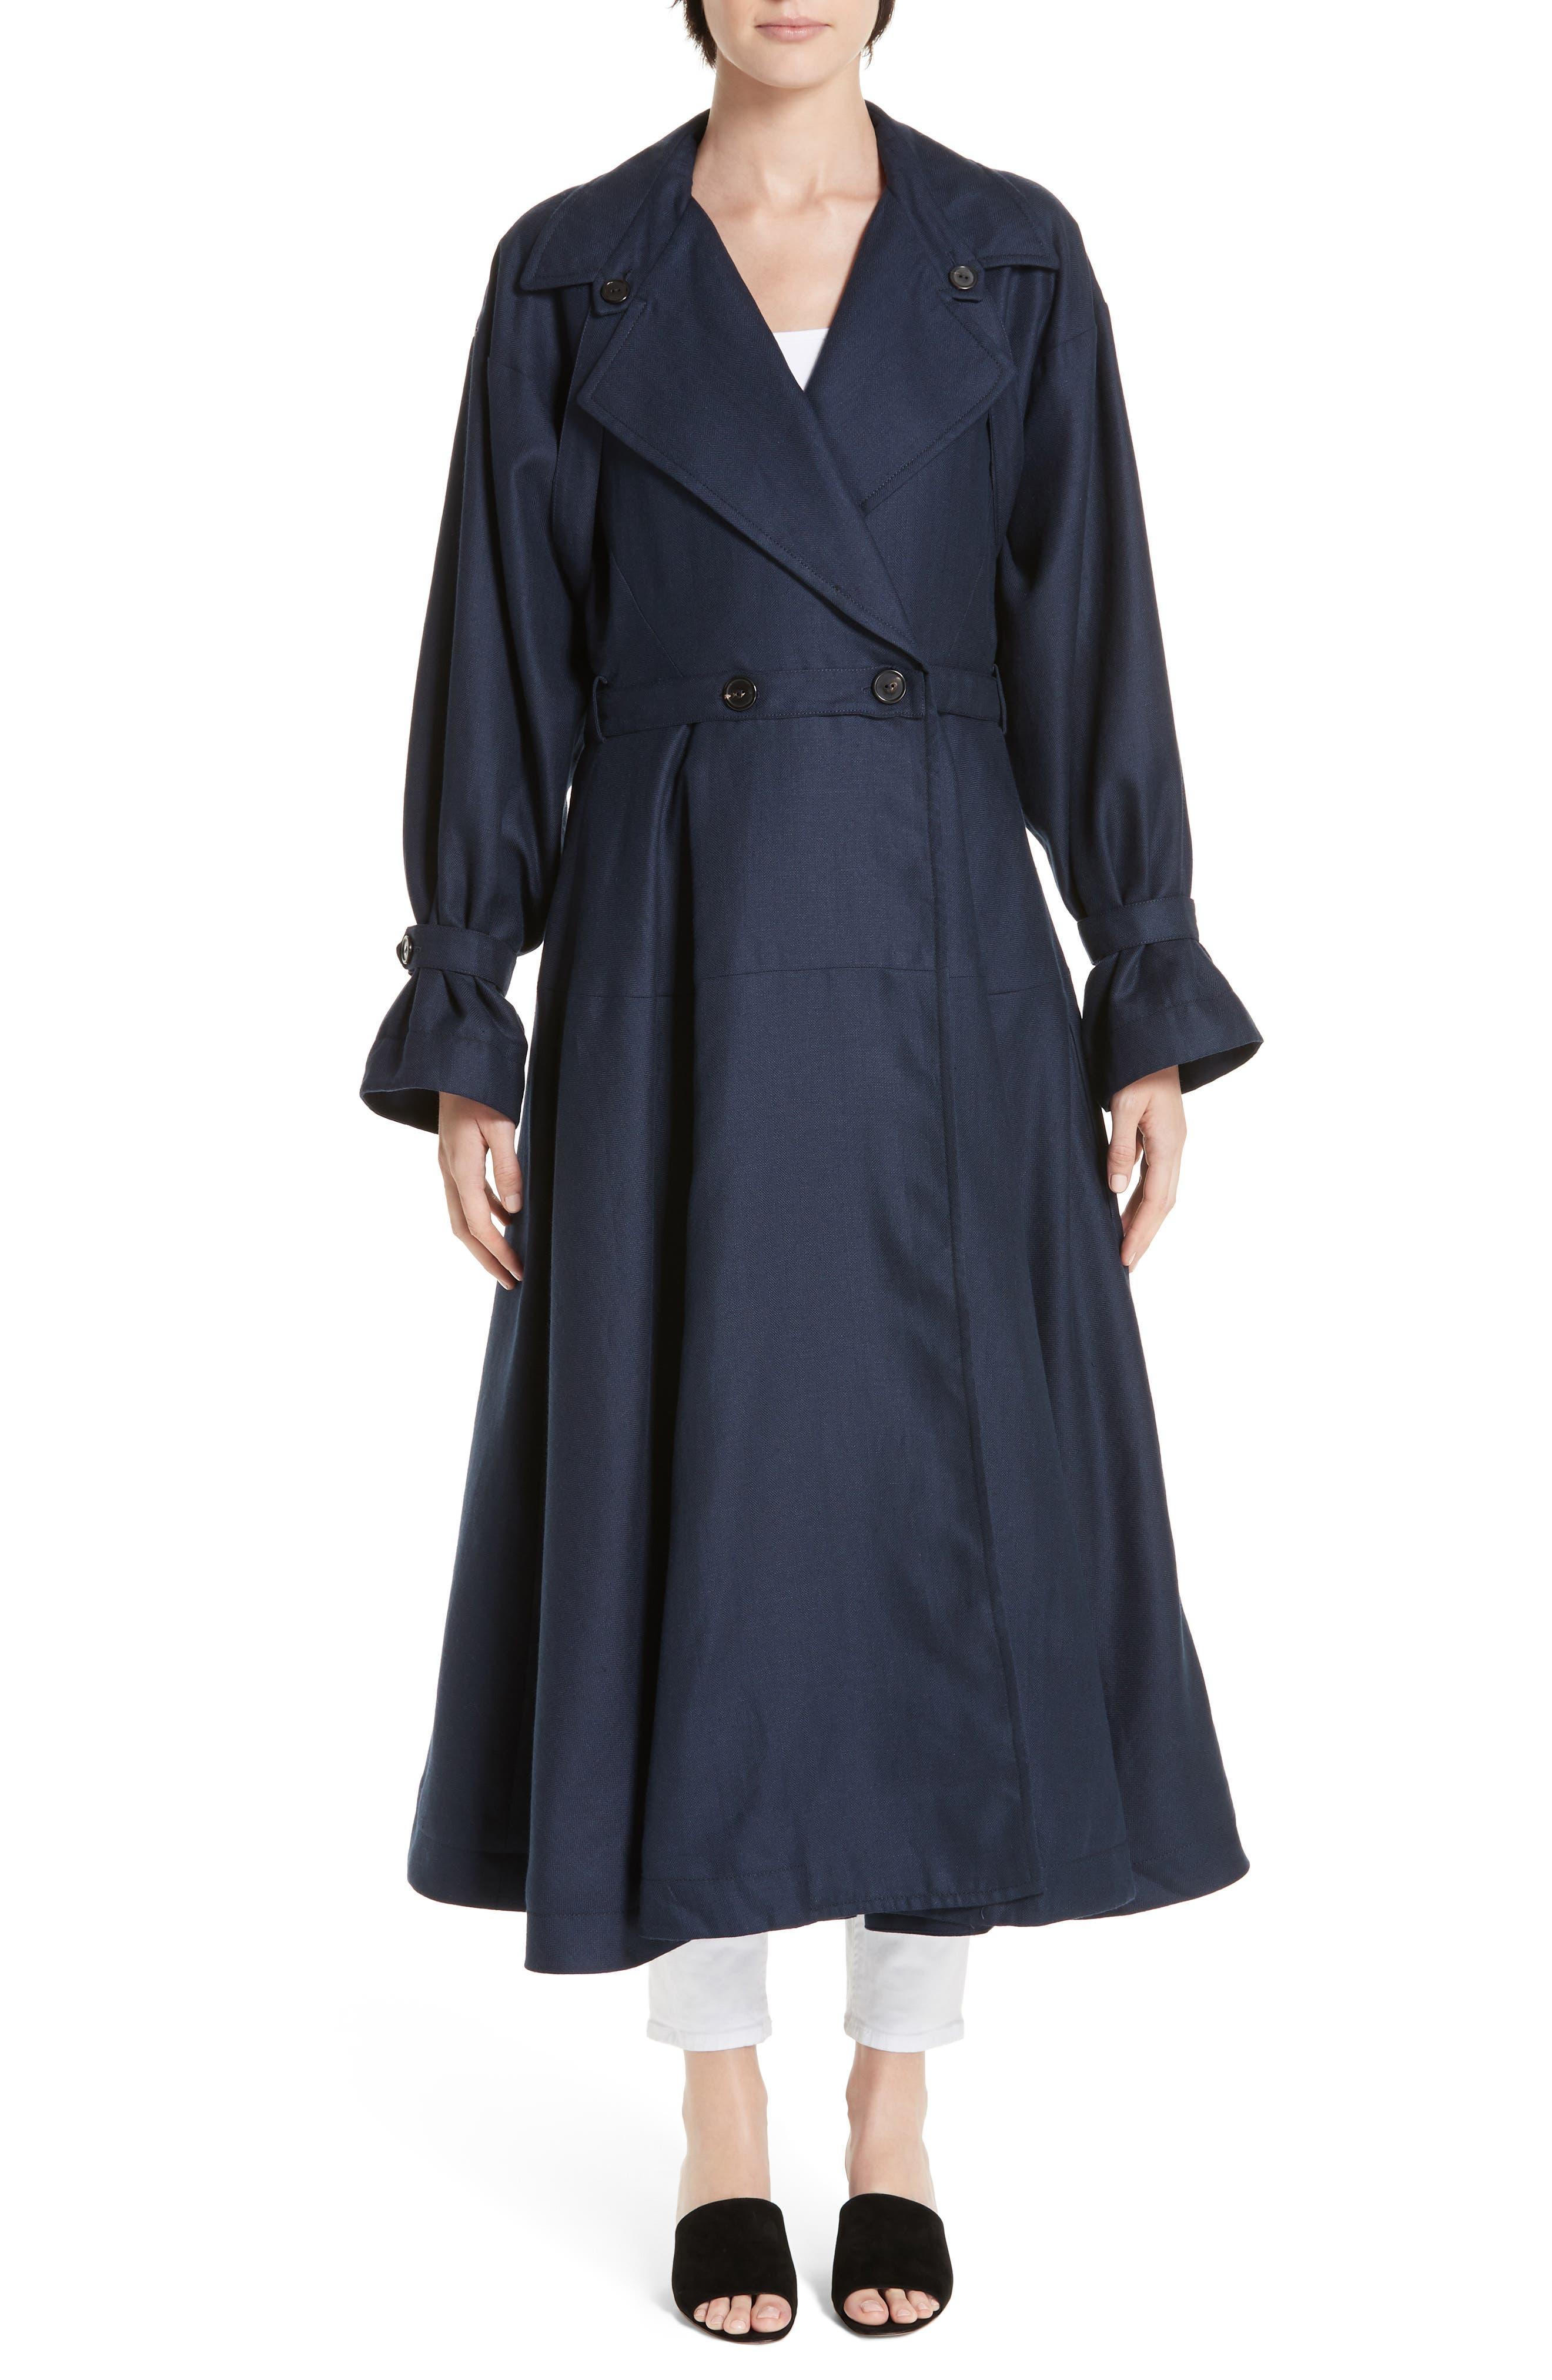 Carved Wool & Linen Coat, Main, color, NAVY HERRINGBONE LINEN